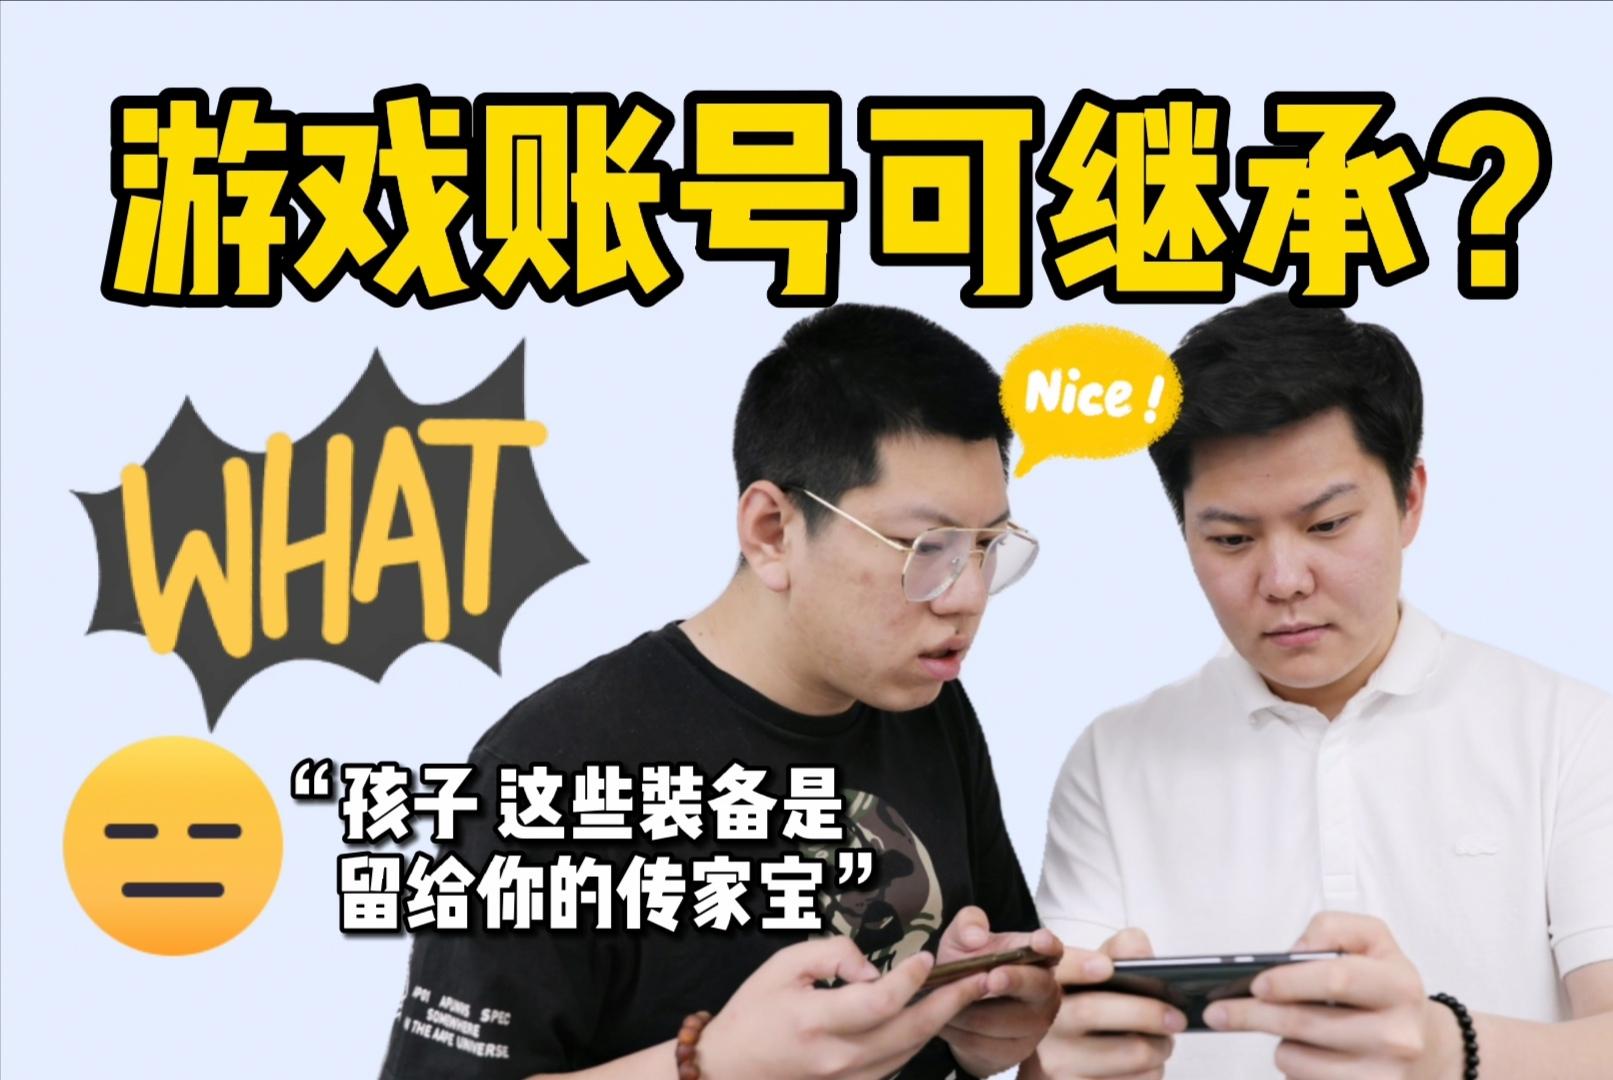 【融融看两会】游戏等虚拟账号将可继承,两岸青年他们都是怎么看 ?